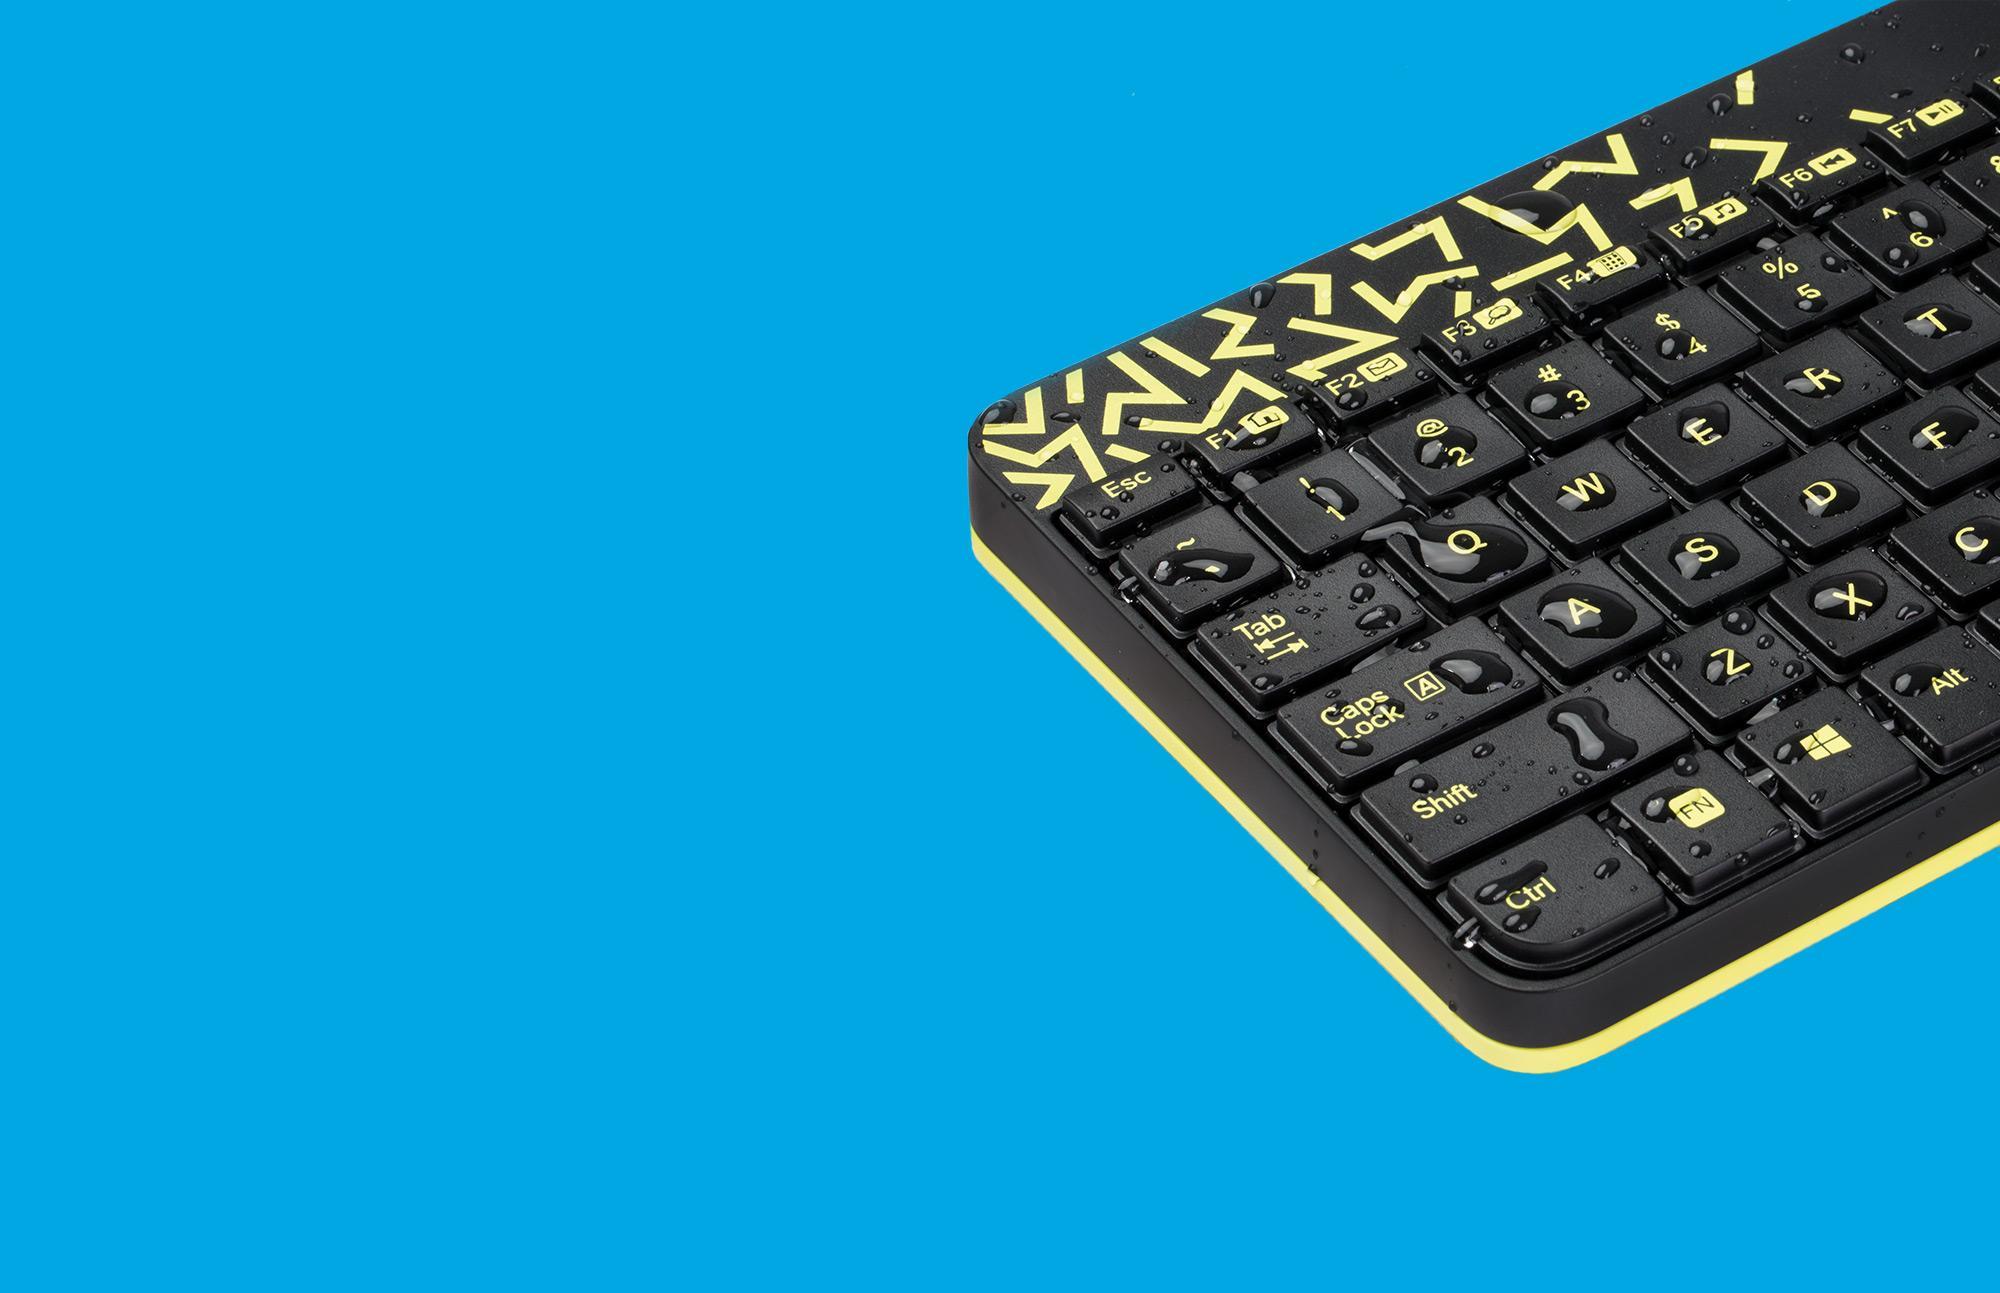 Bộ bàn phím và chuột không dây Logitech MK240 (Trắng đỏ) - Hãng phân phối chính thức 4.jpg